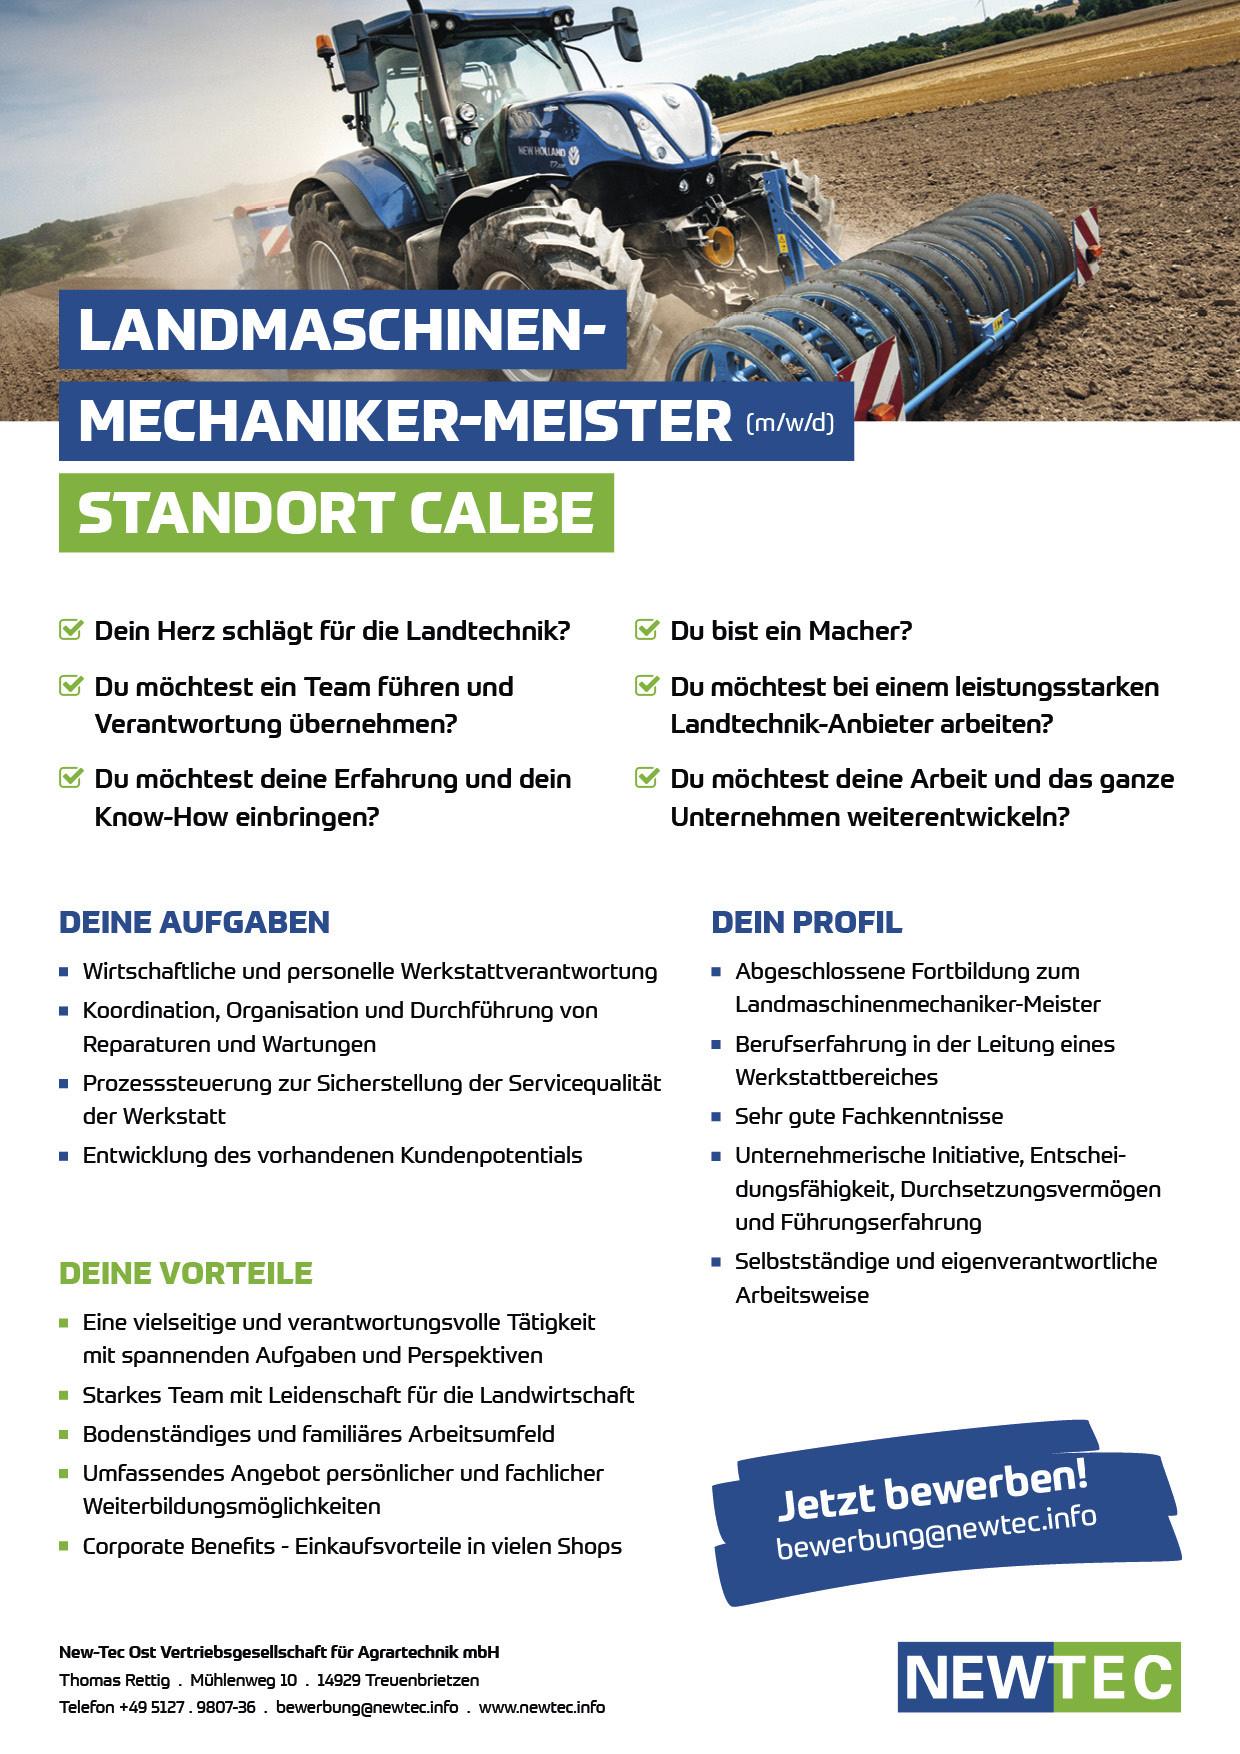 NEWTEC_Stellenanzeige_Landmaschinenmechaniker-Meister_Calbe